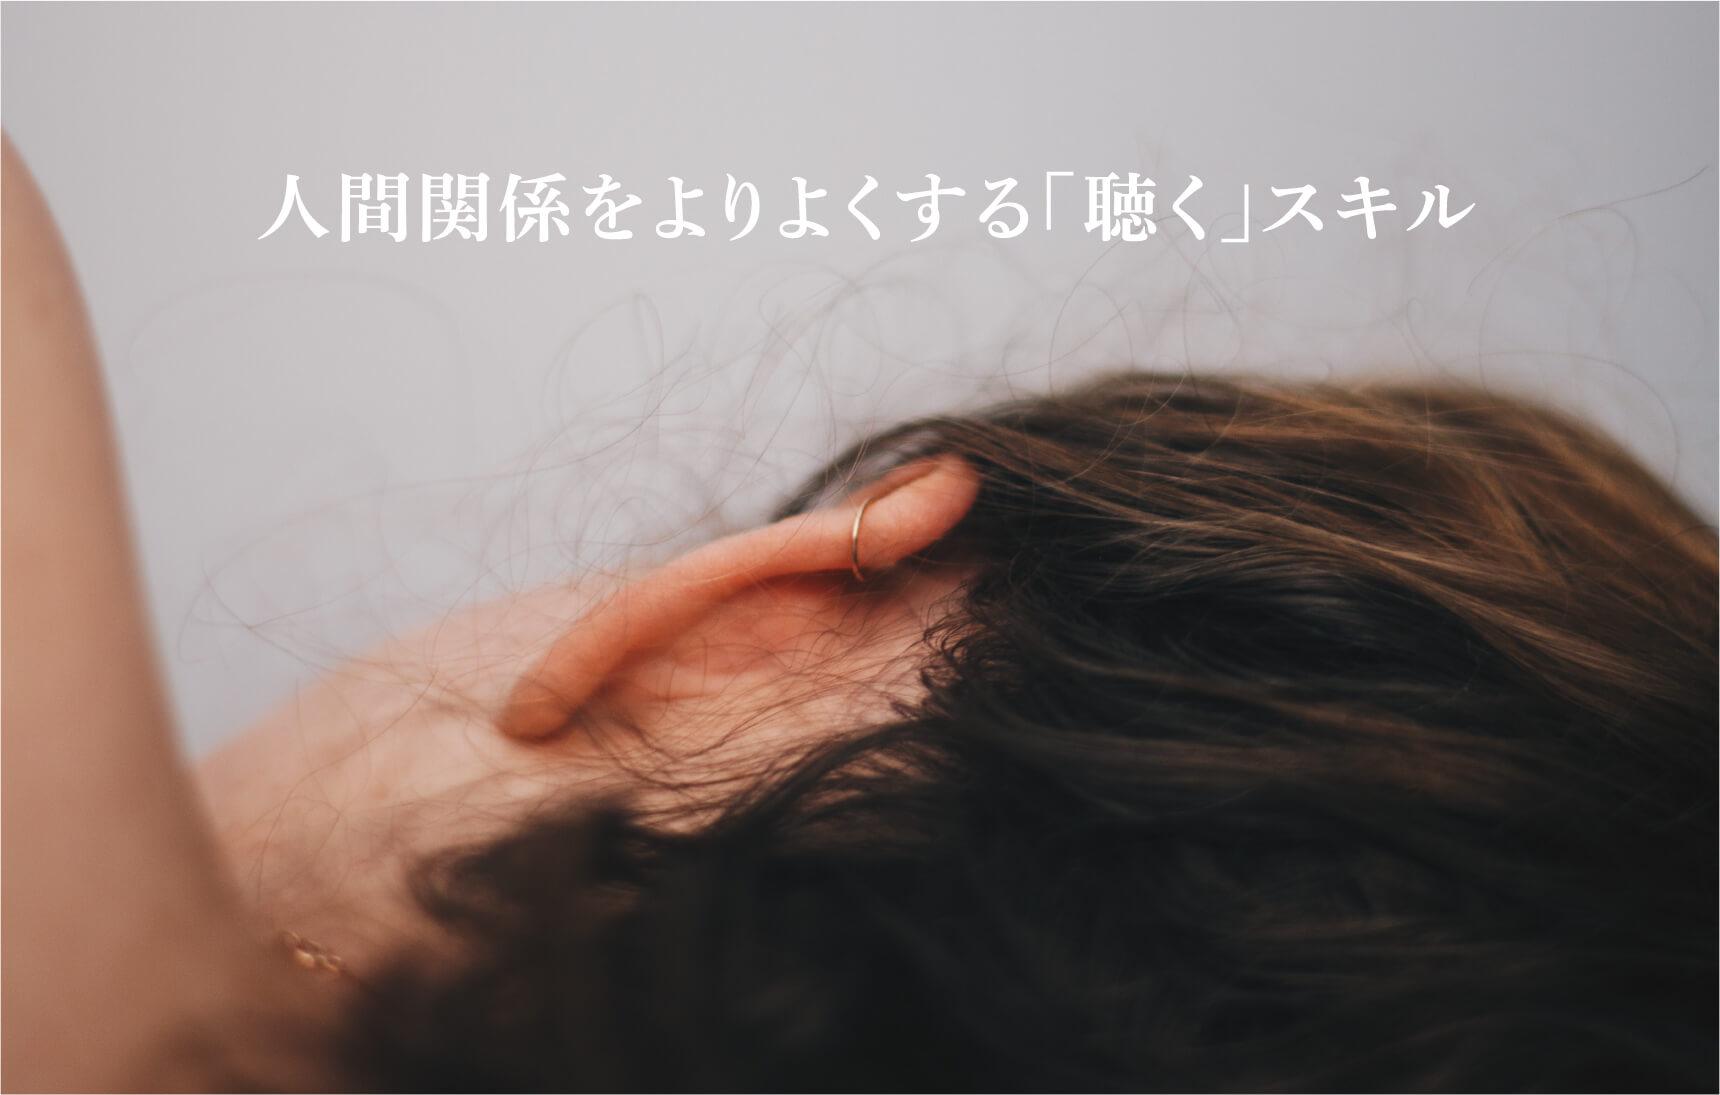 人間関係をよりよくする「聴く」スキル